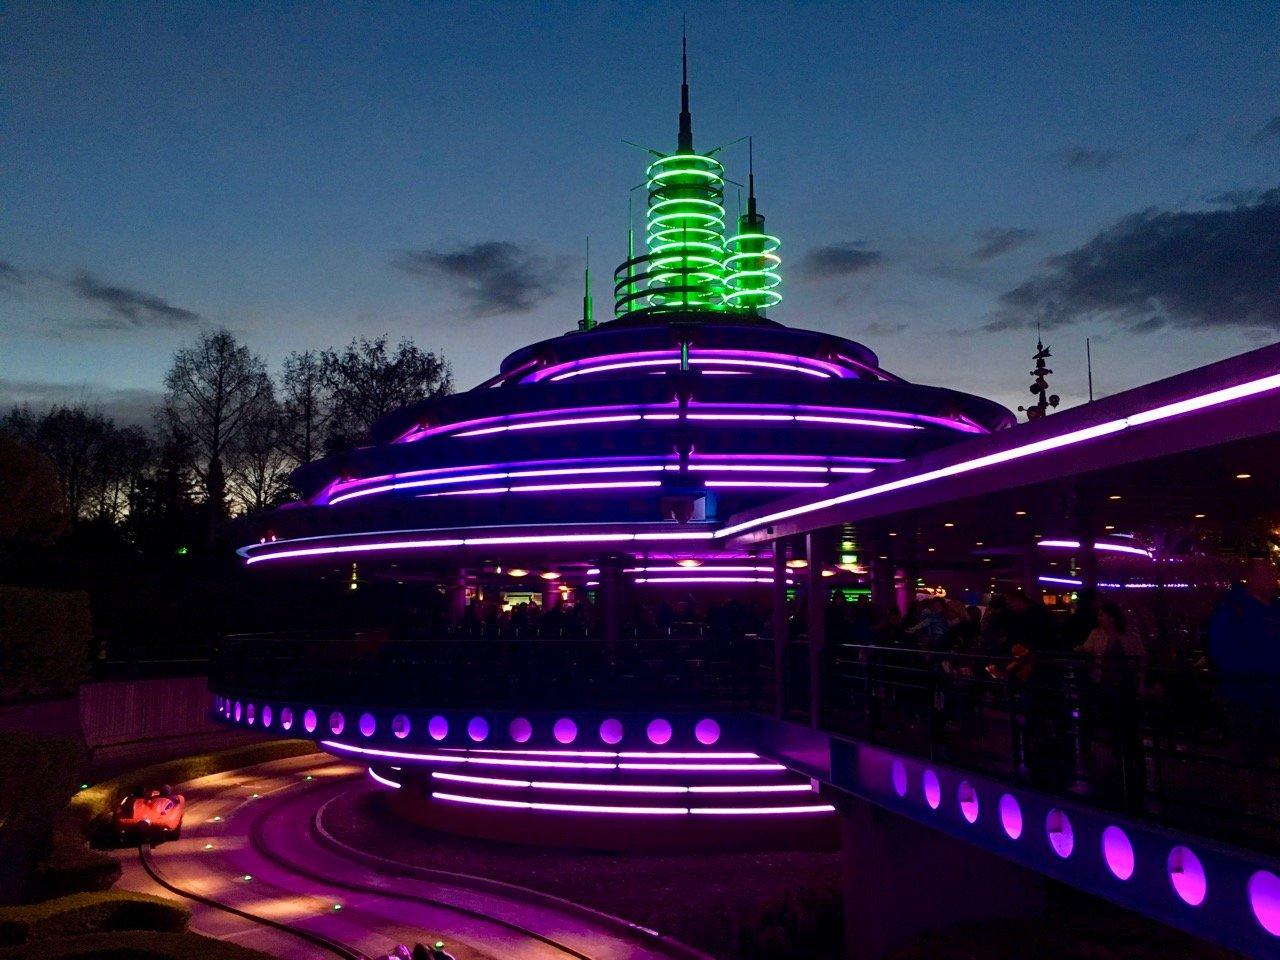 An vielen Stellen findet man noch stimmungsvolle Neonbeleuchtung